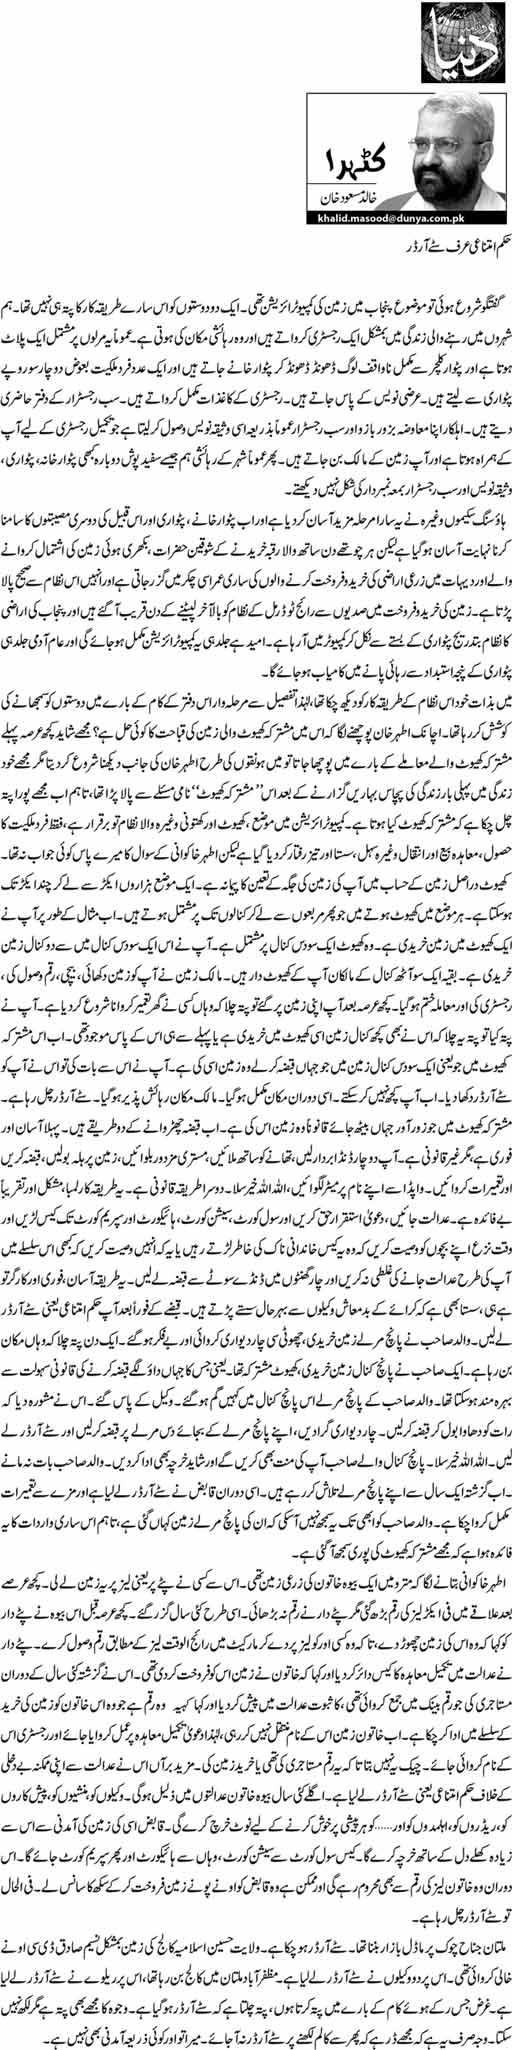 Hukm Imtinai Urf Stay Order - Khalid Masood Khan